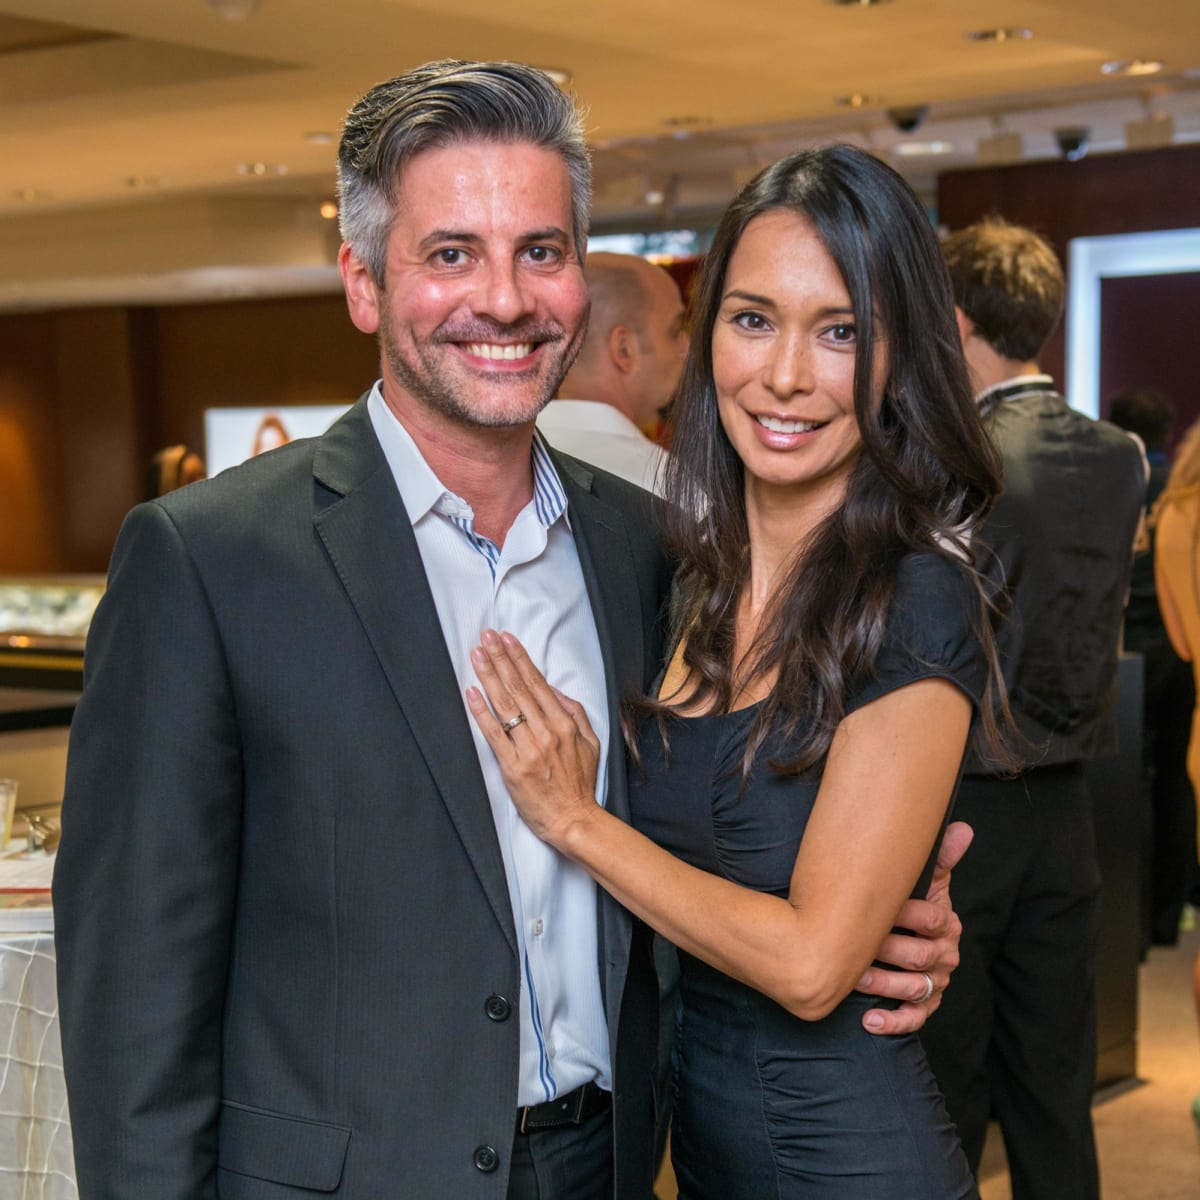 News, Shelby, IW Marks part , Sept. 2015, Robert Federowicz, Elisa Prevot